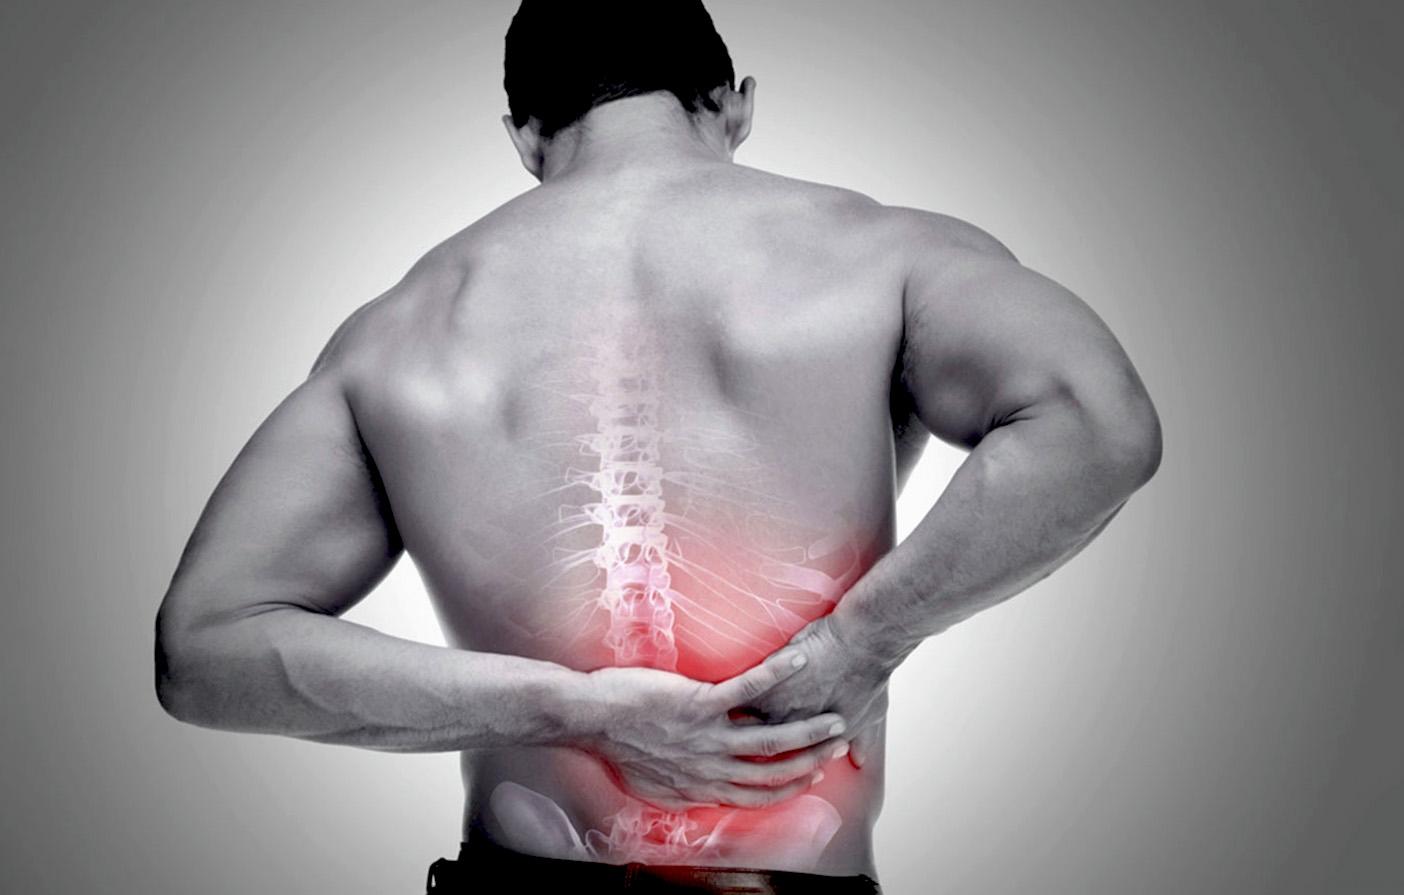 deginantis skausmas po desine mente kaip nuraminti sąnarių skausmas